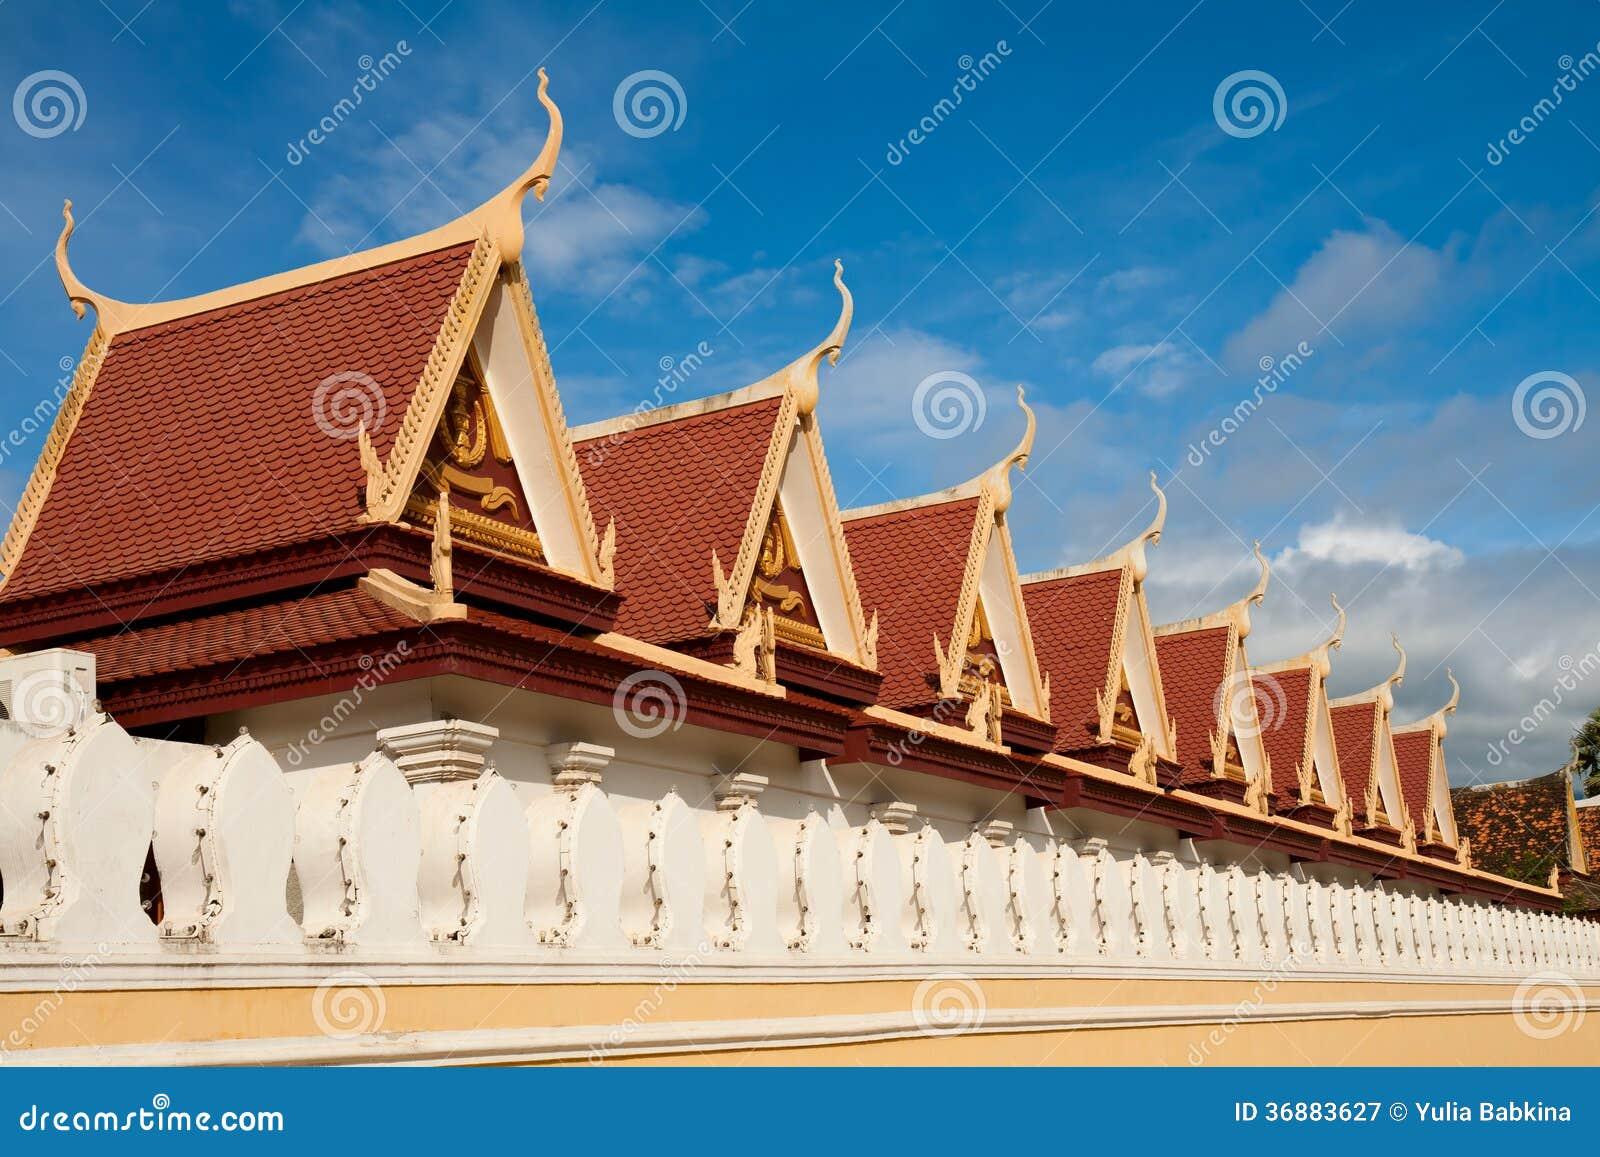 Download Architettura Asiatica Tipica Immagine Stock - Immagine di asia, khmer: 36883627